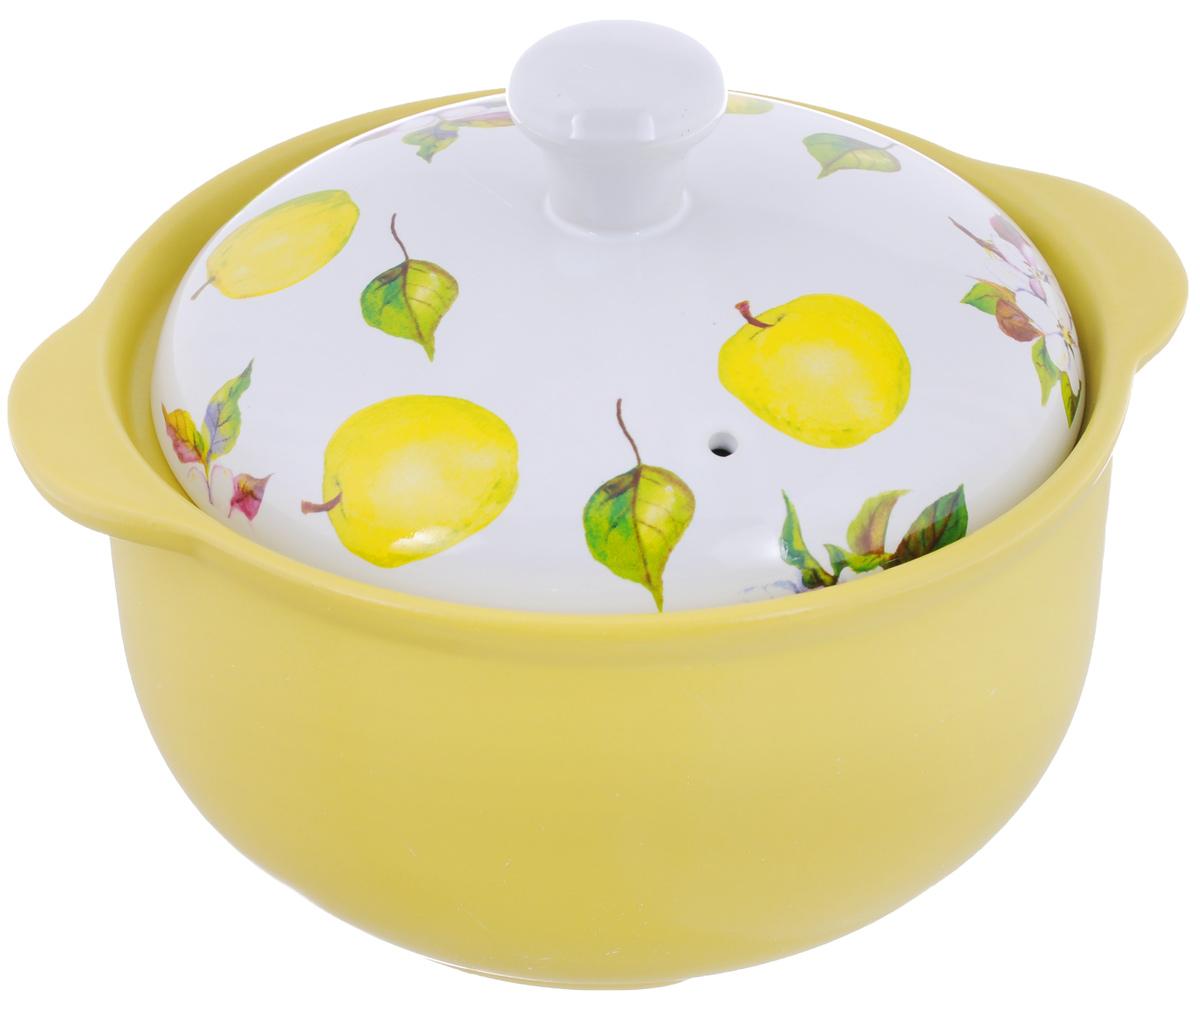 Кастрюля керамическая Едим Дома Ломбардия с крышкой, 1,6 л кастрюля керамическая едим дома narino ломбардия с крышкой цвет желтый белый 3 5 л